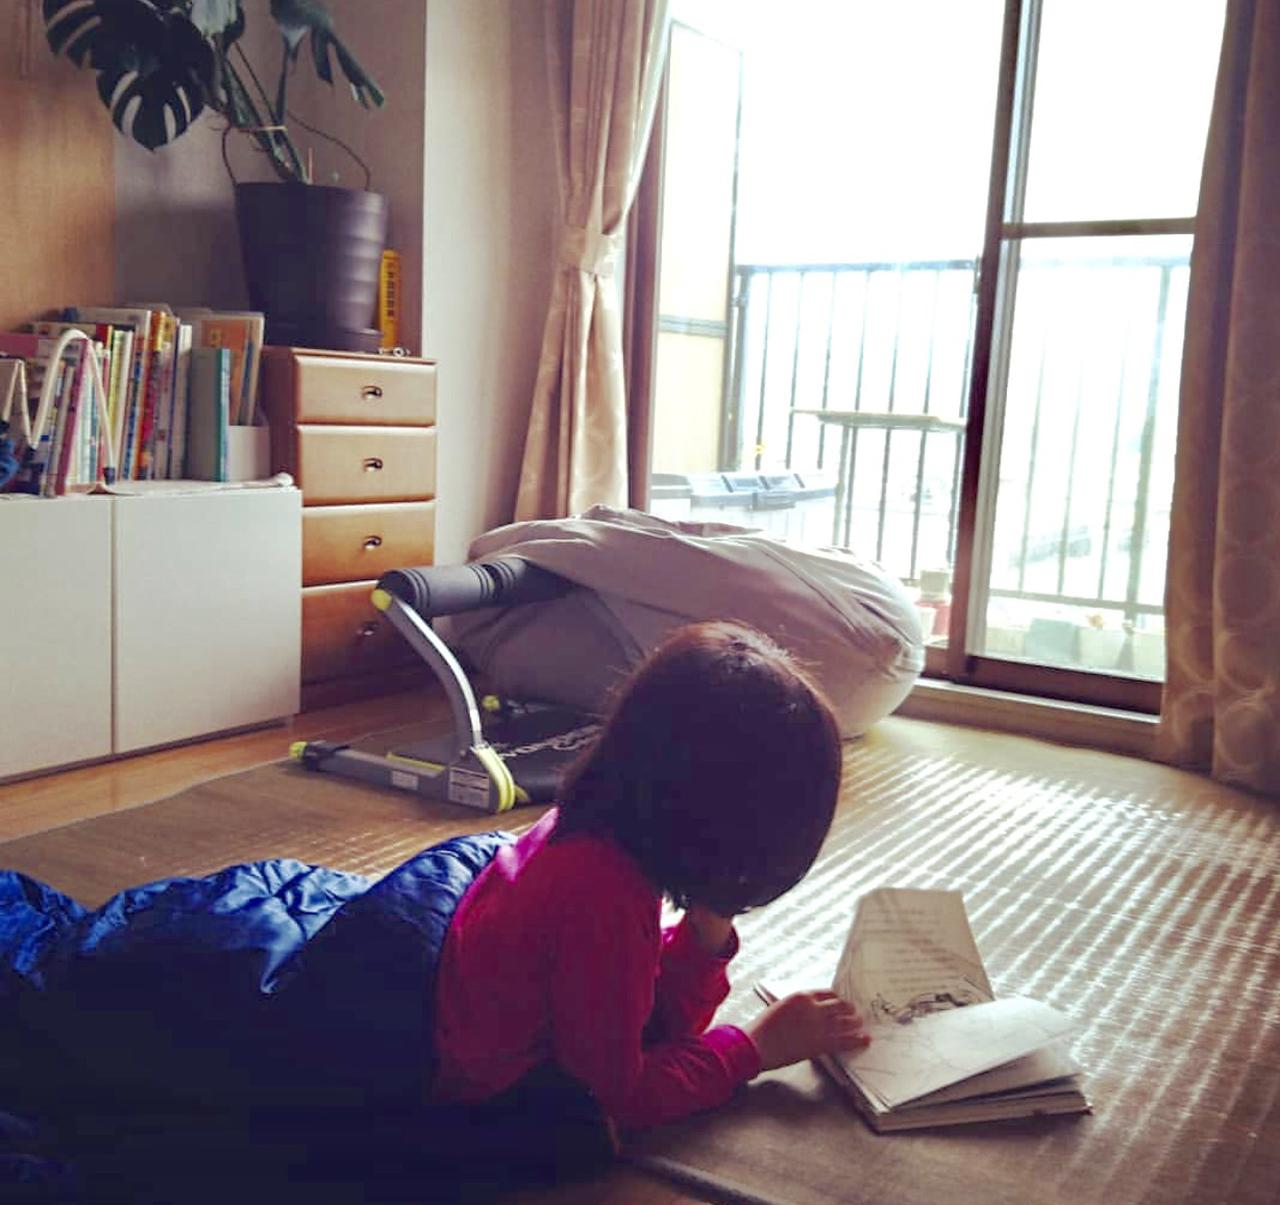 画像1: 【冬キャンプ必須】寝袋(シュラフ)・マットレス・ホットカーペットで快適な睡眠を